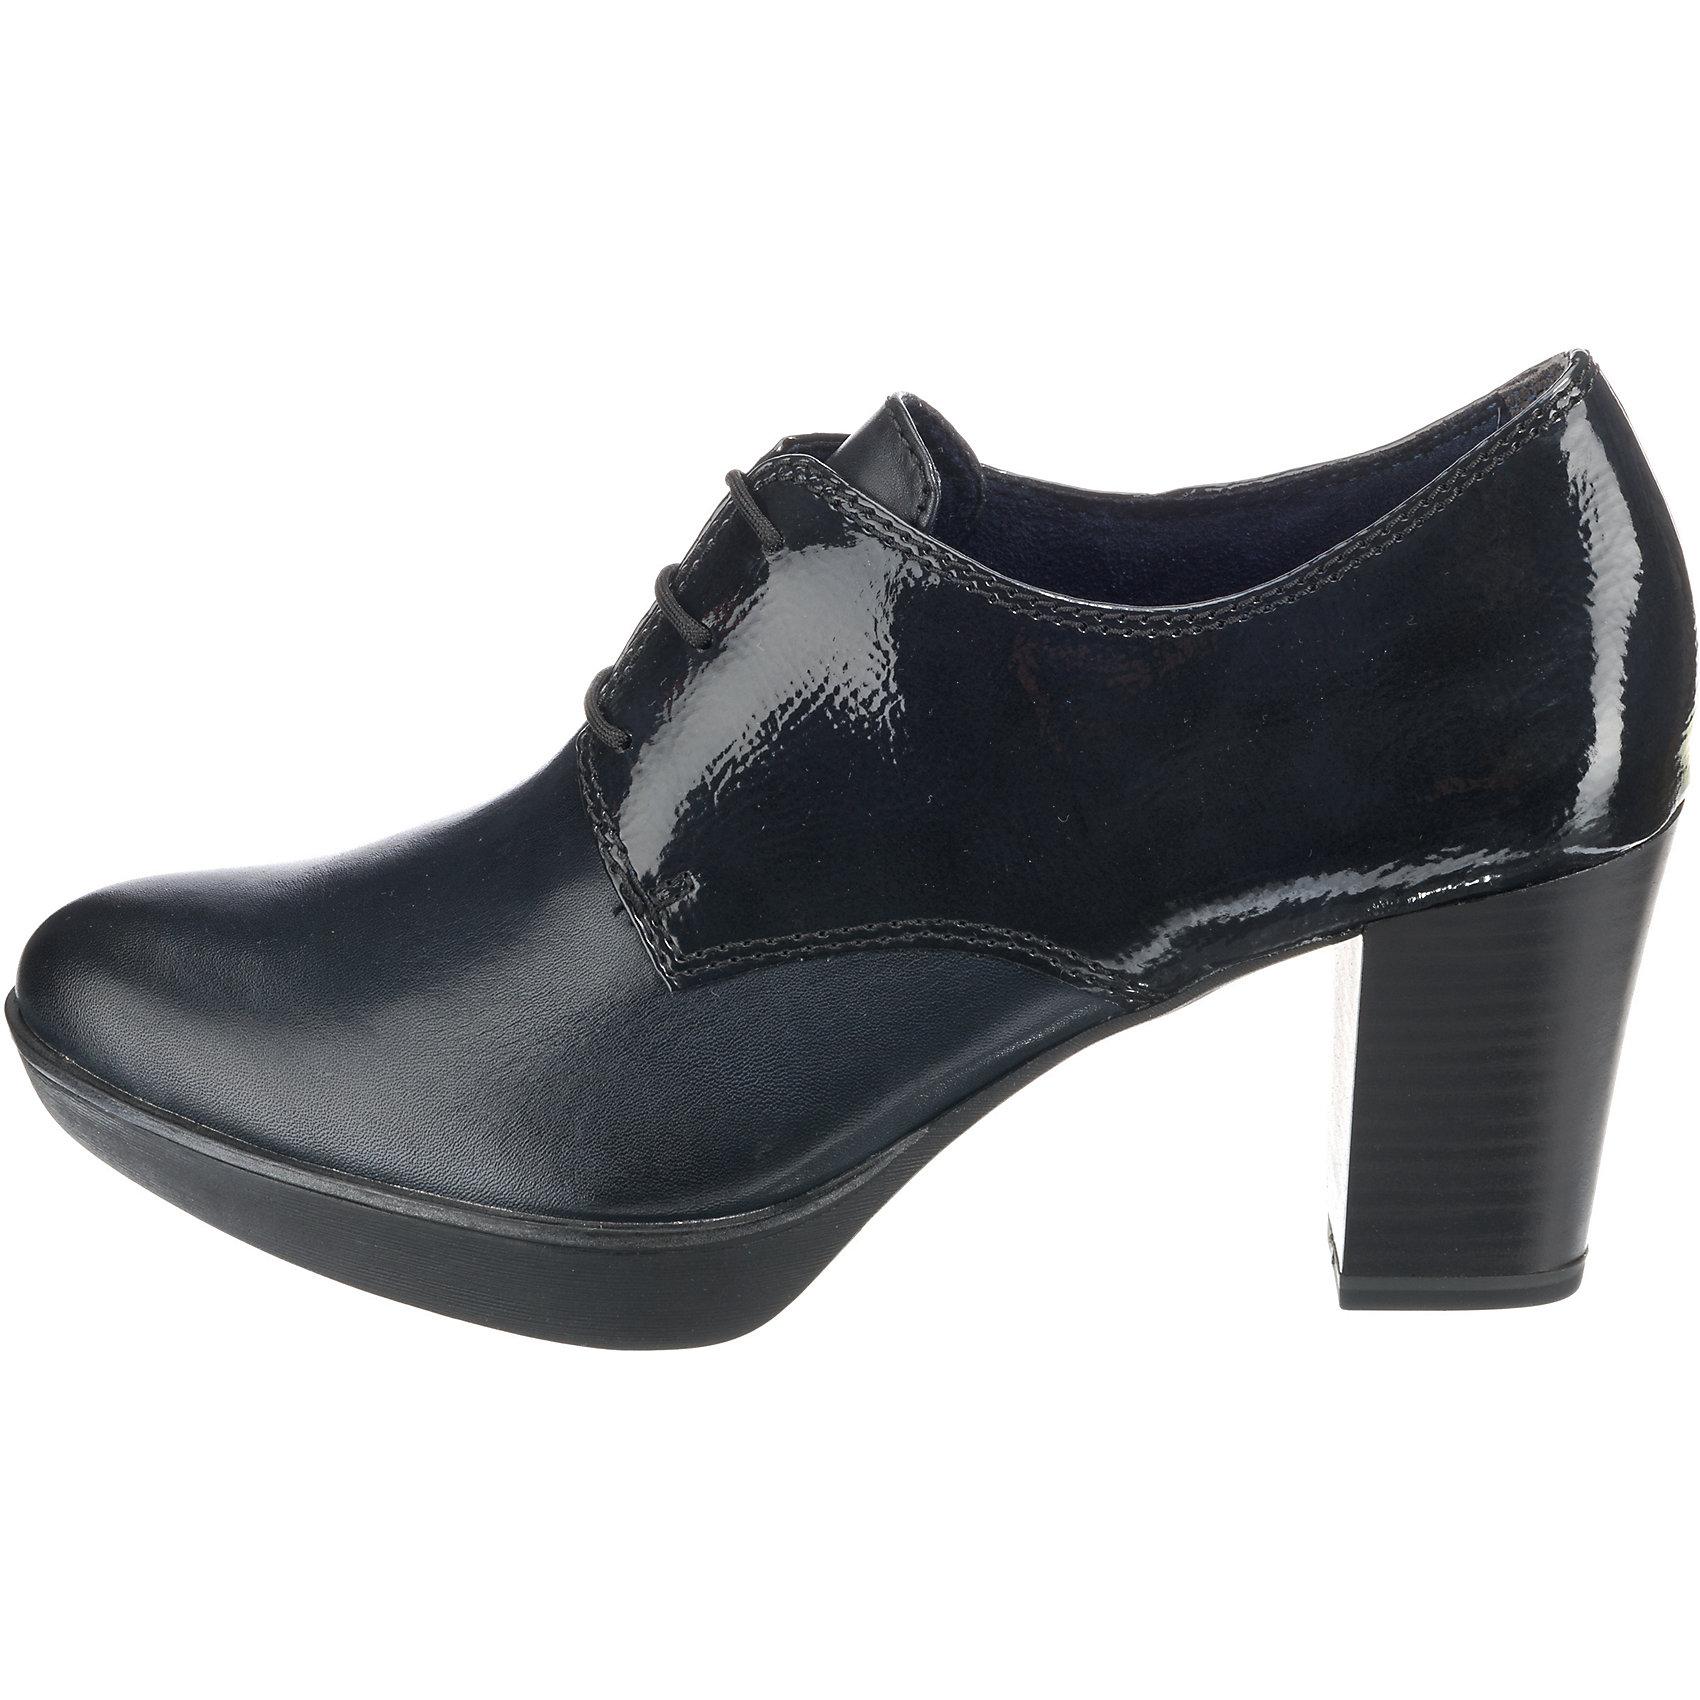 online zu verkaufen begrenzter Stil Einkaufen Details zu Neu Tamaris Hochfrontpumps 8454187 für Damen schwarz blau